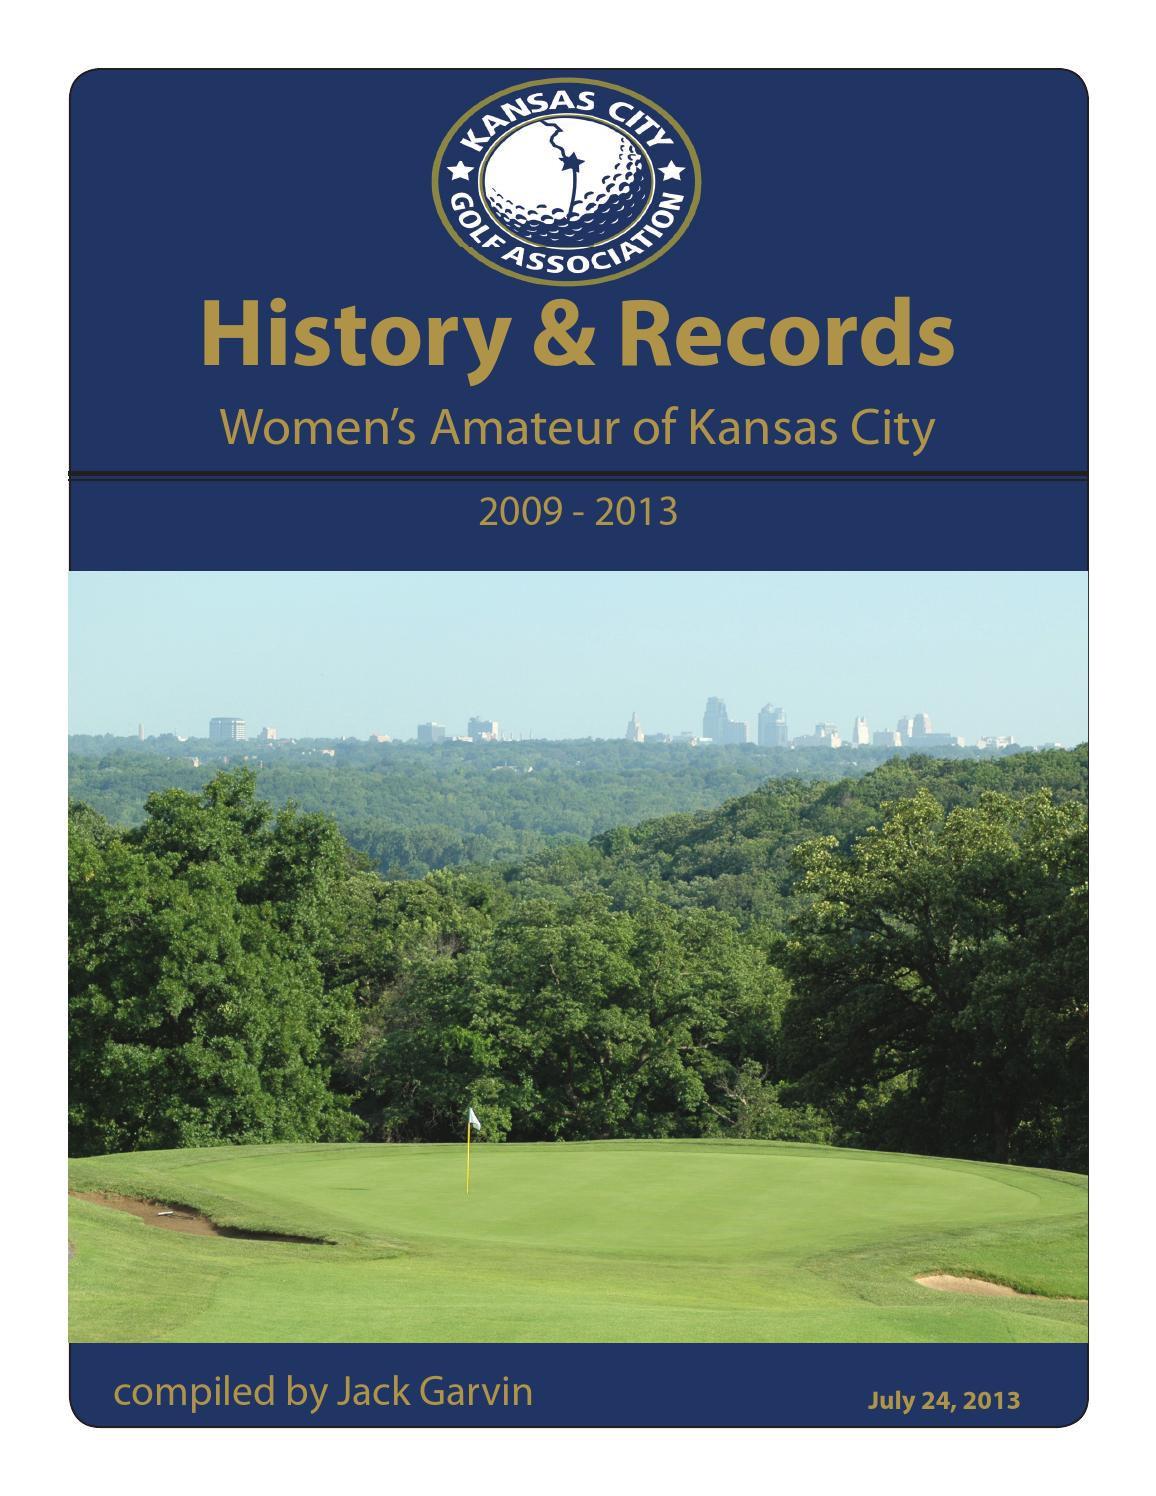 Kansas city amateur